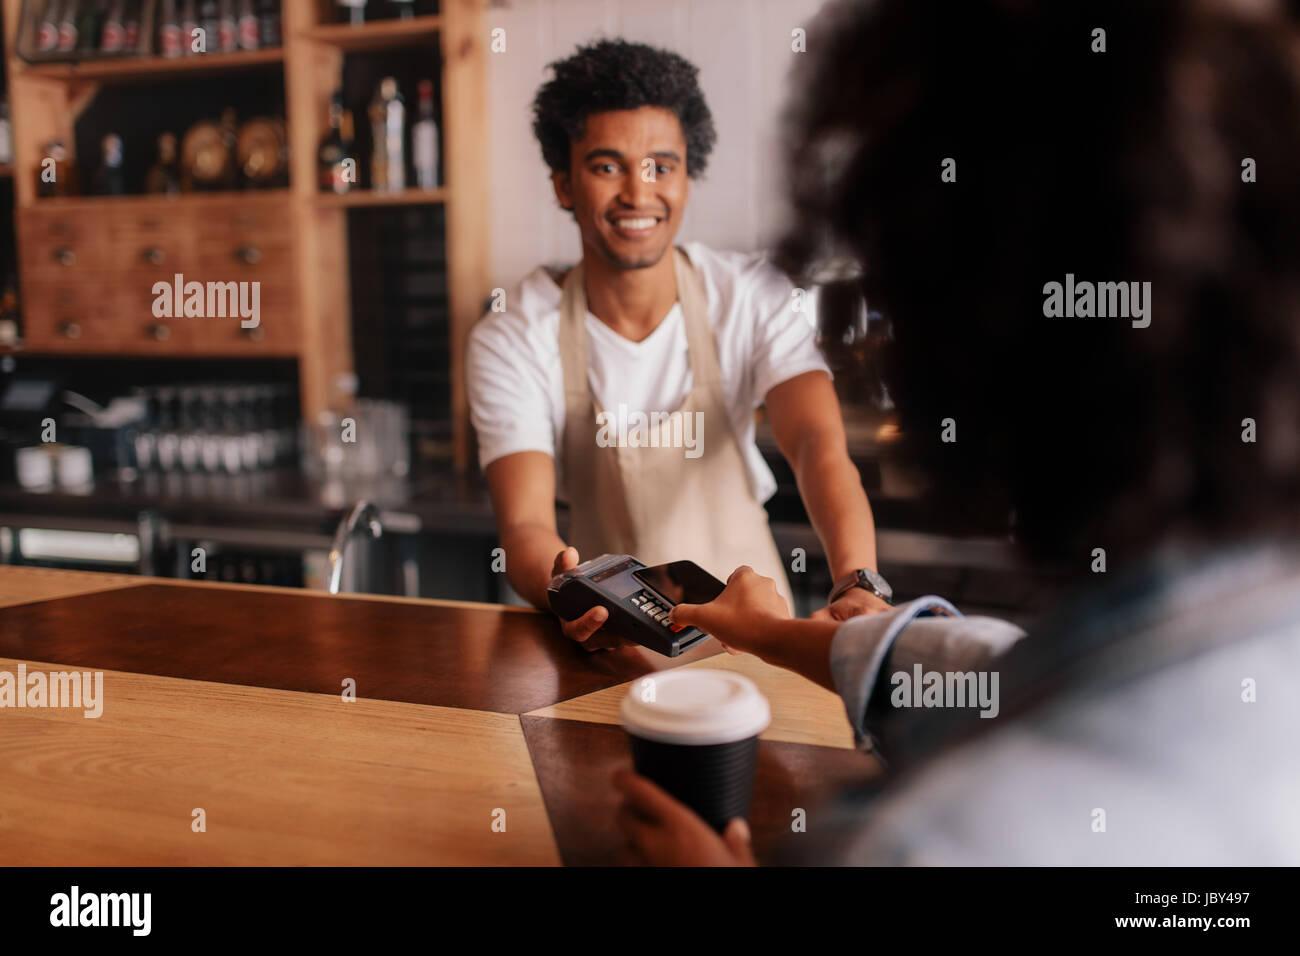 Weibliche Kunden, Zahlung per Handy am Schalter im Café mit jungen Mann. Barista Holding Kreditkarte lesen Maschine Stockfoto